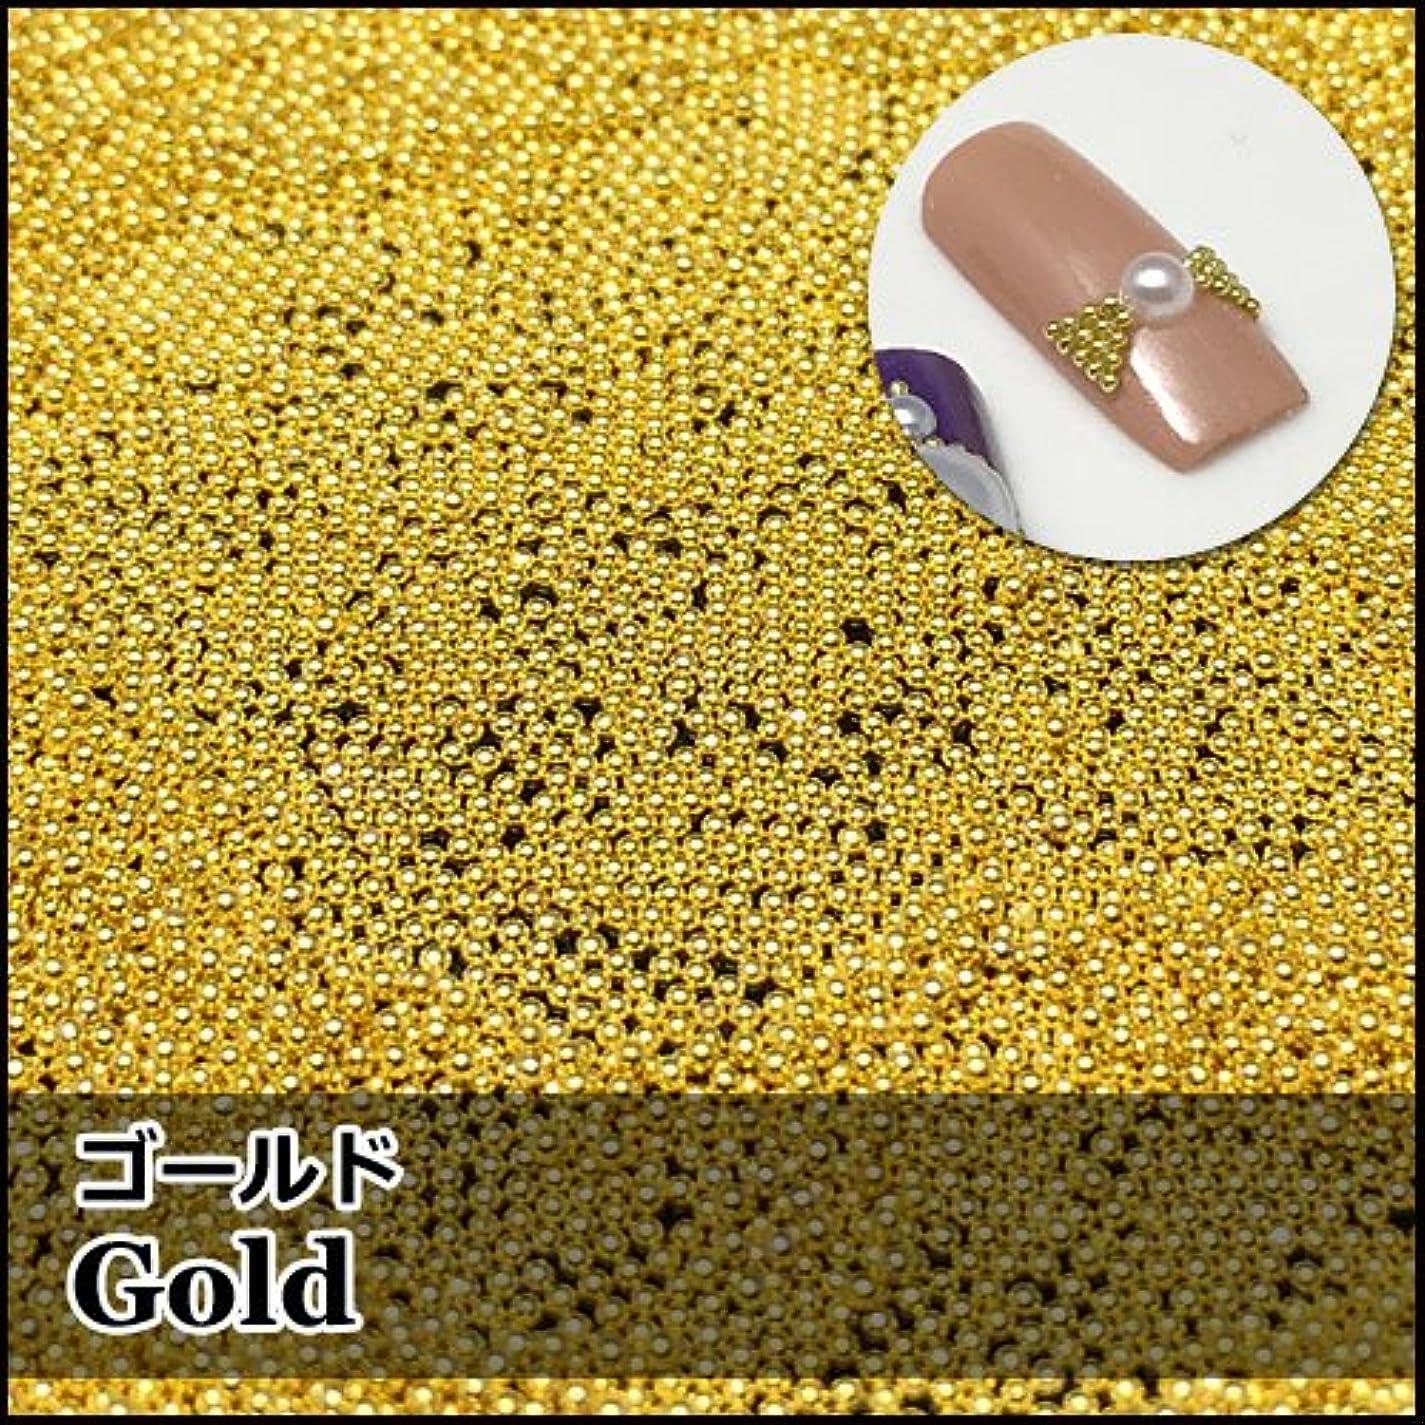 周り窒素飢メタリックブリオン「ゴールド」1mm×3g入り(約600粒) [並行輸入品]